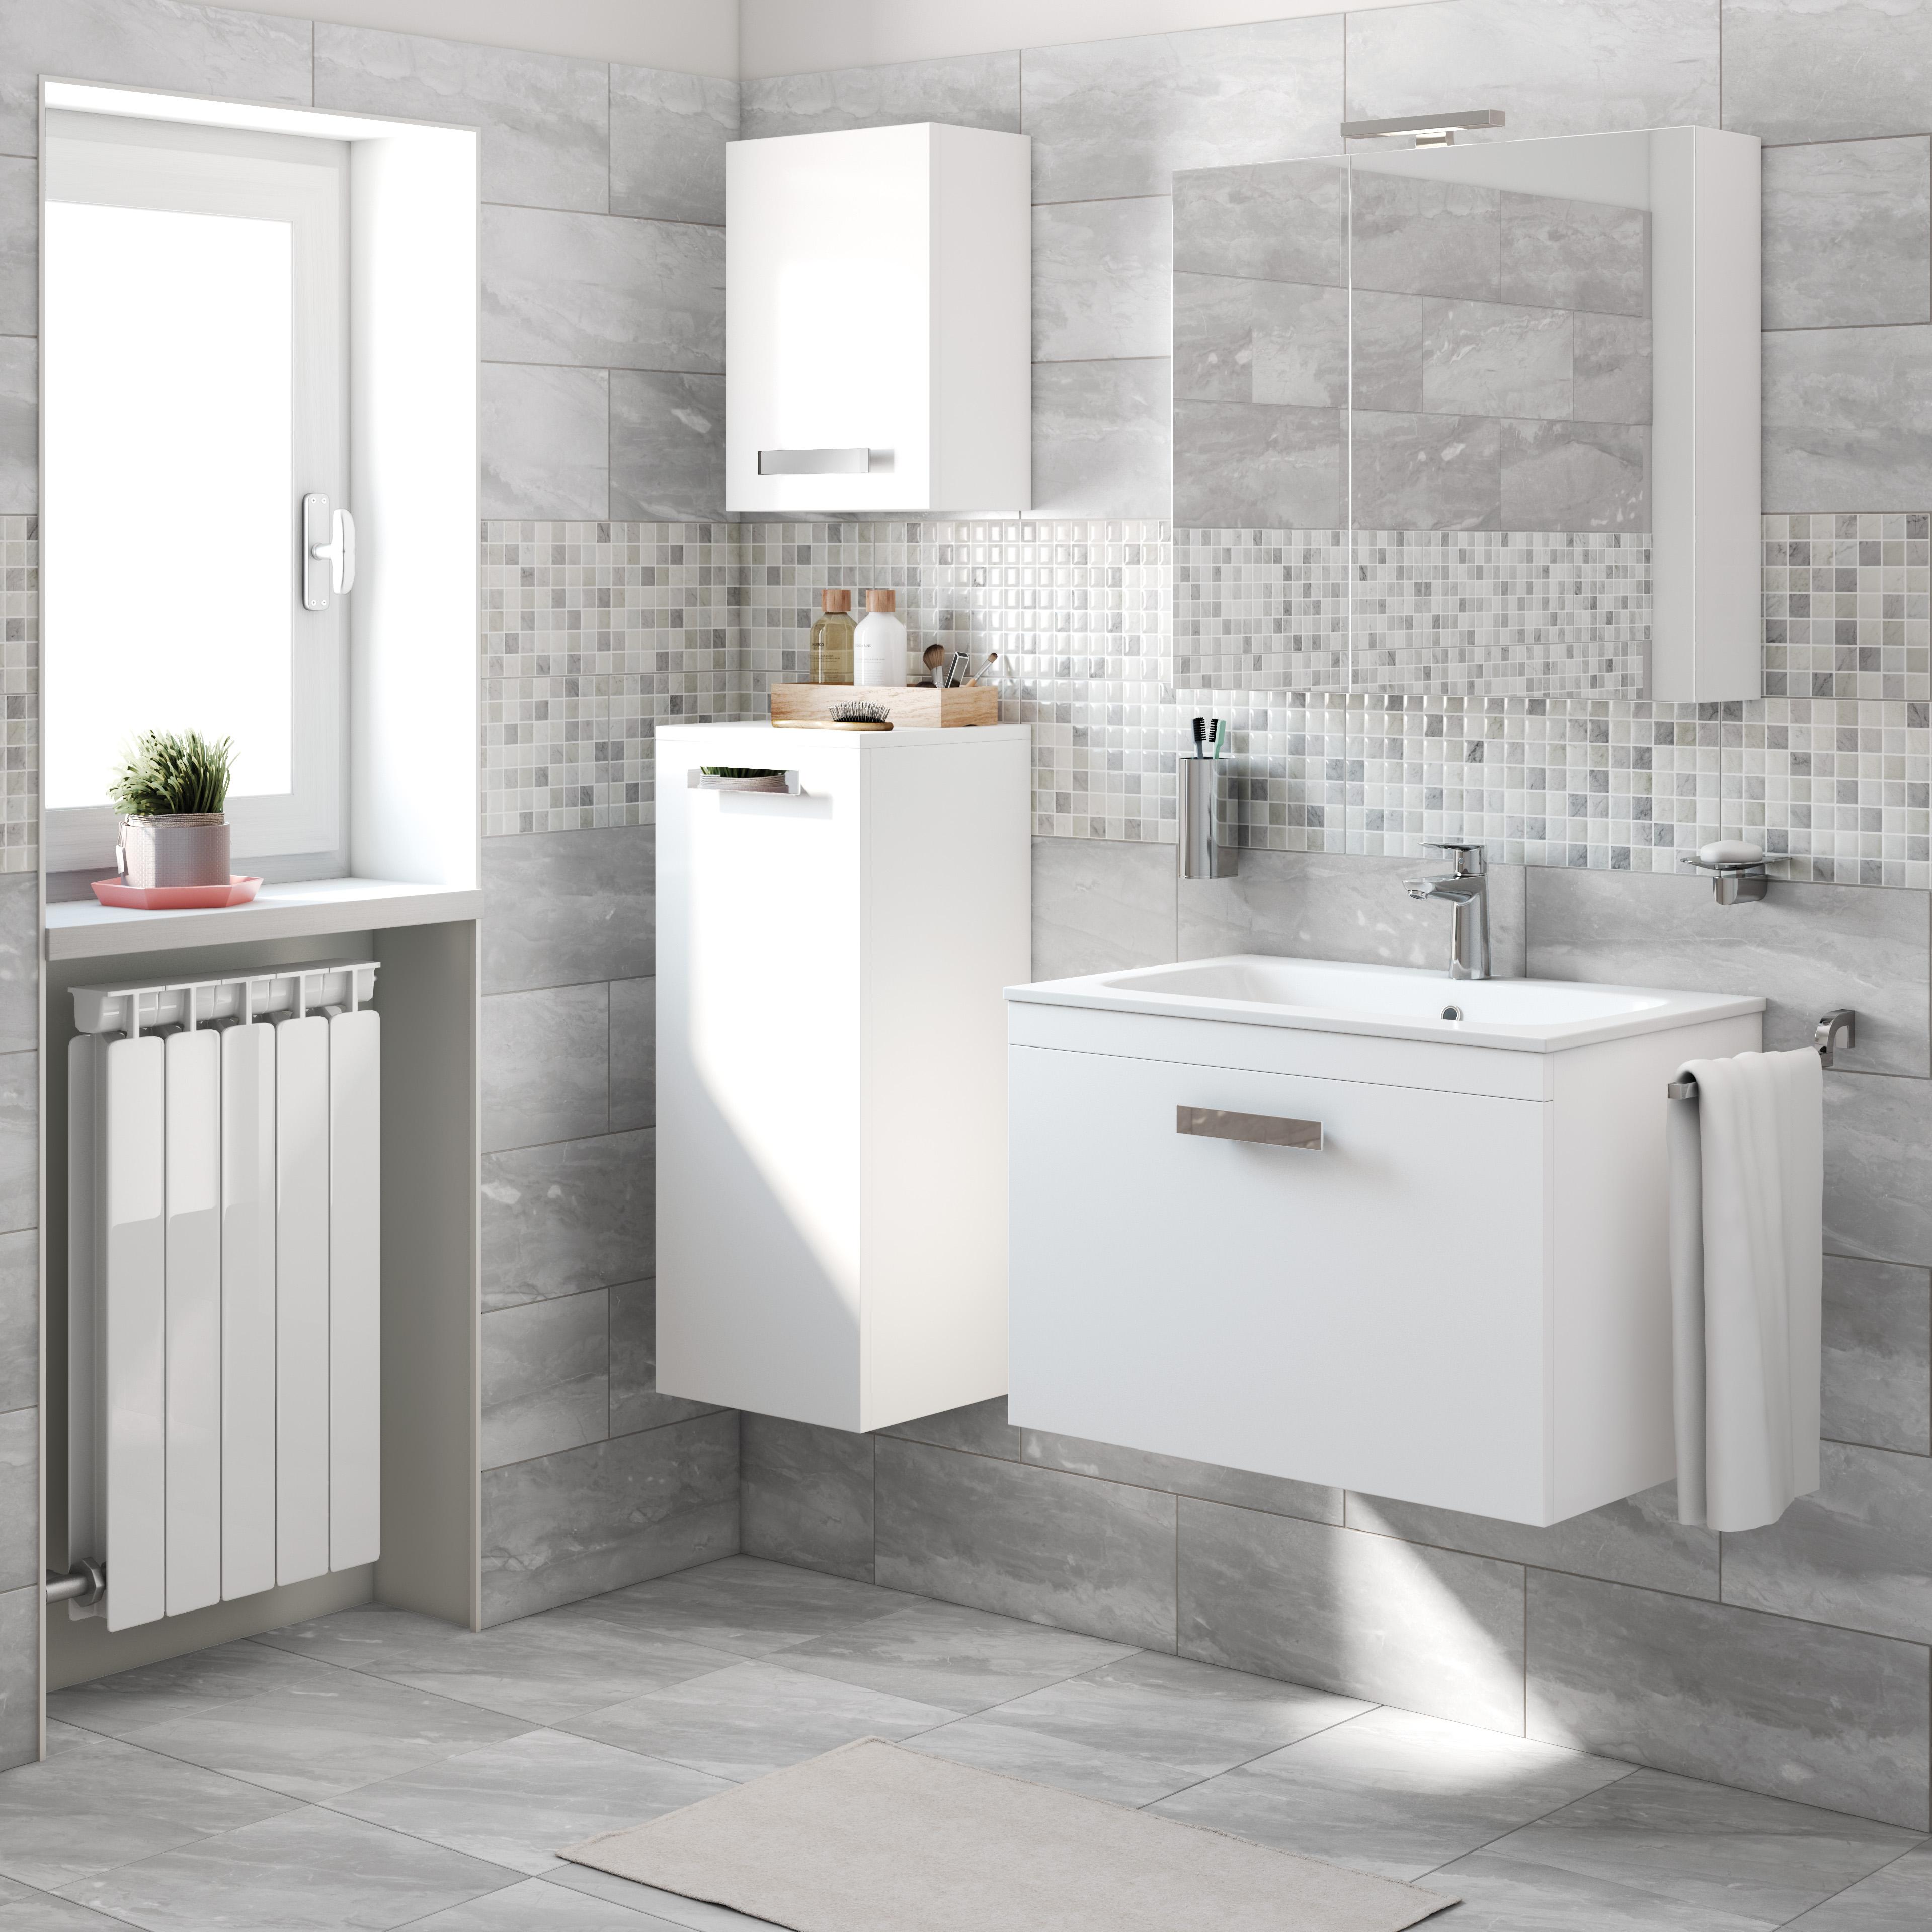 Mobile-bagno-Basic-bianco-L-70-cm-35922334